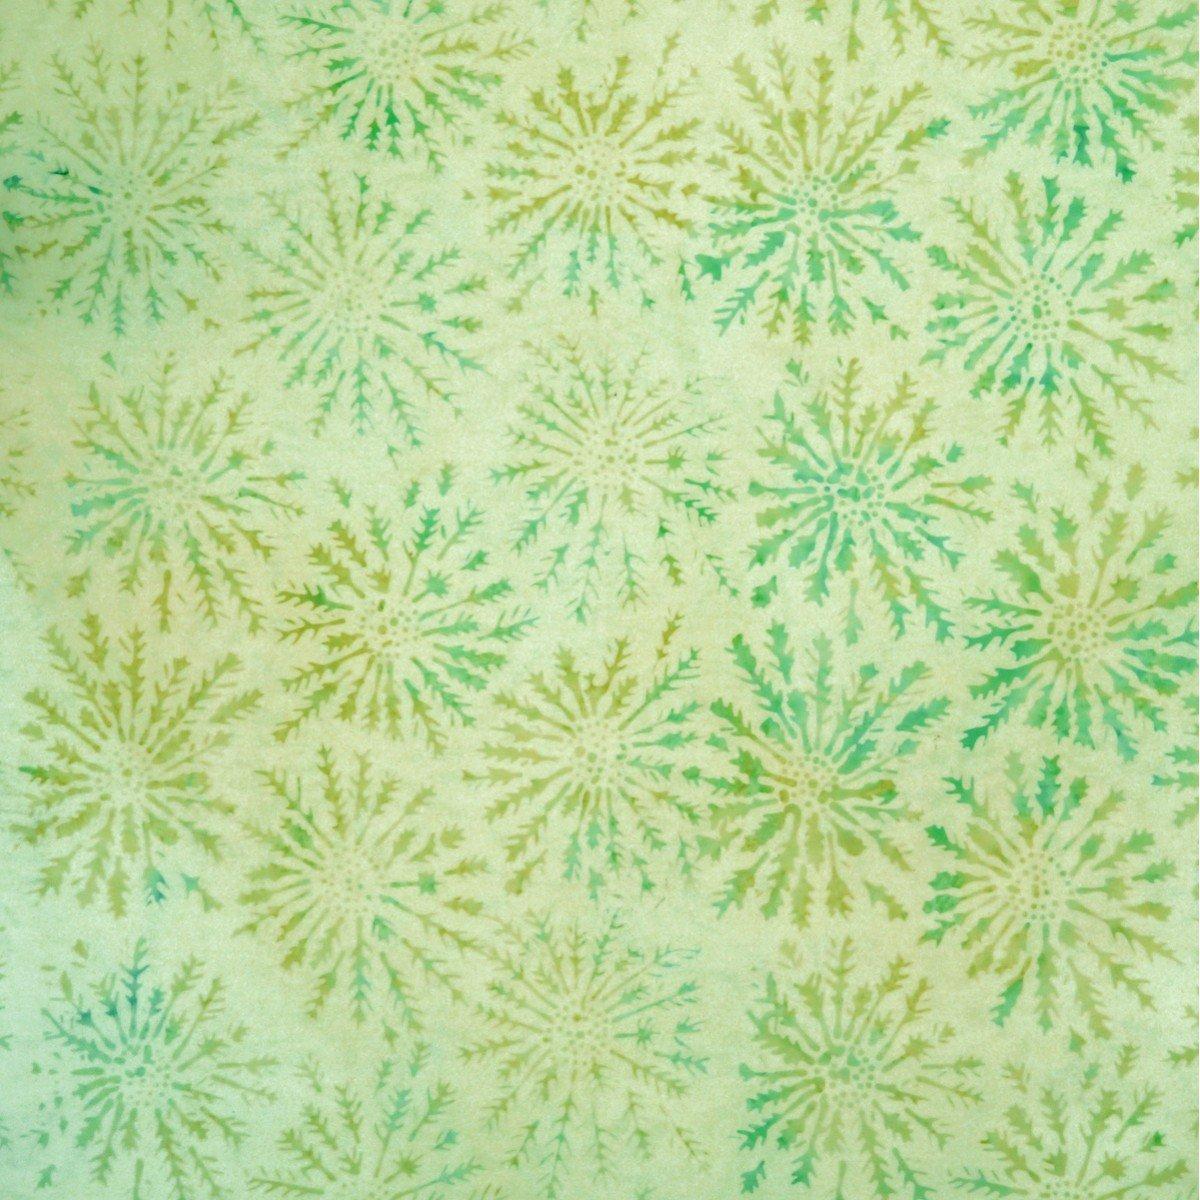 Batik by Mirah - Moss Moranda Light Green